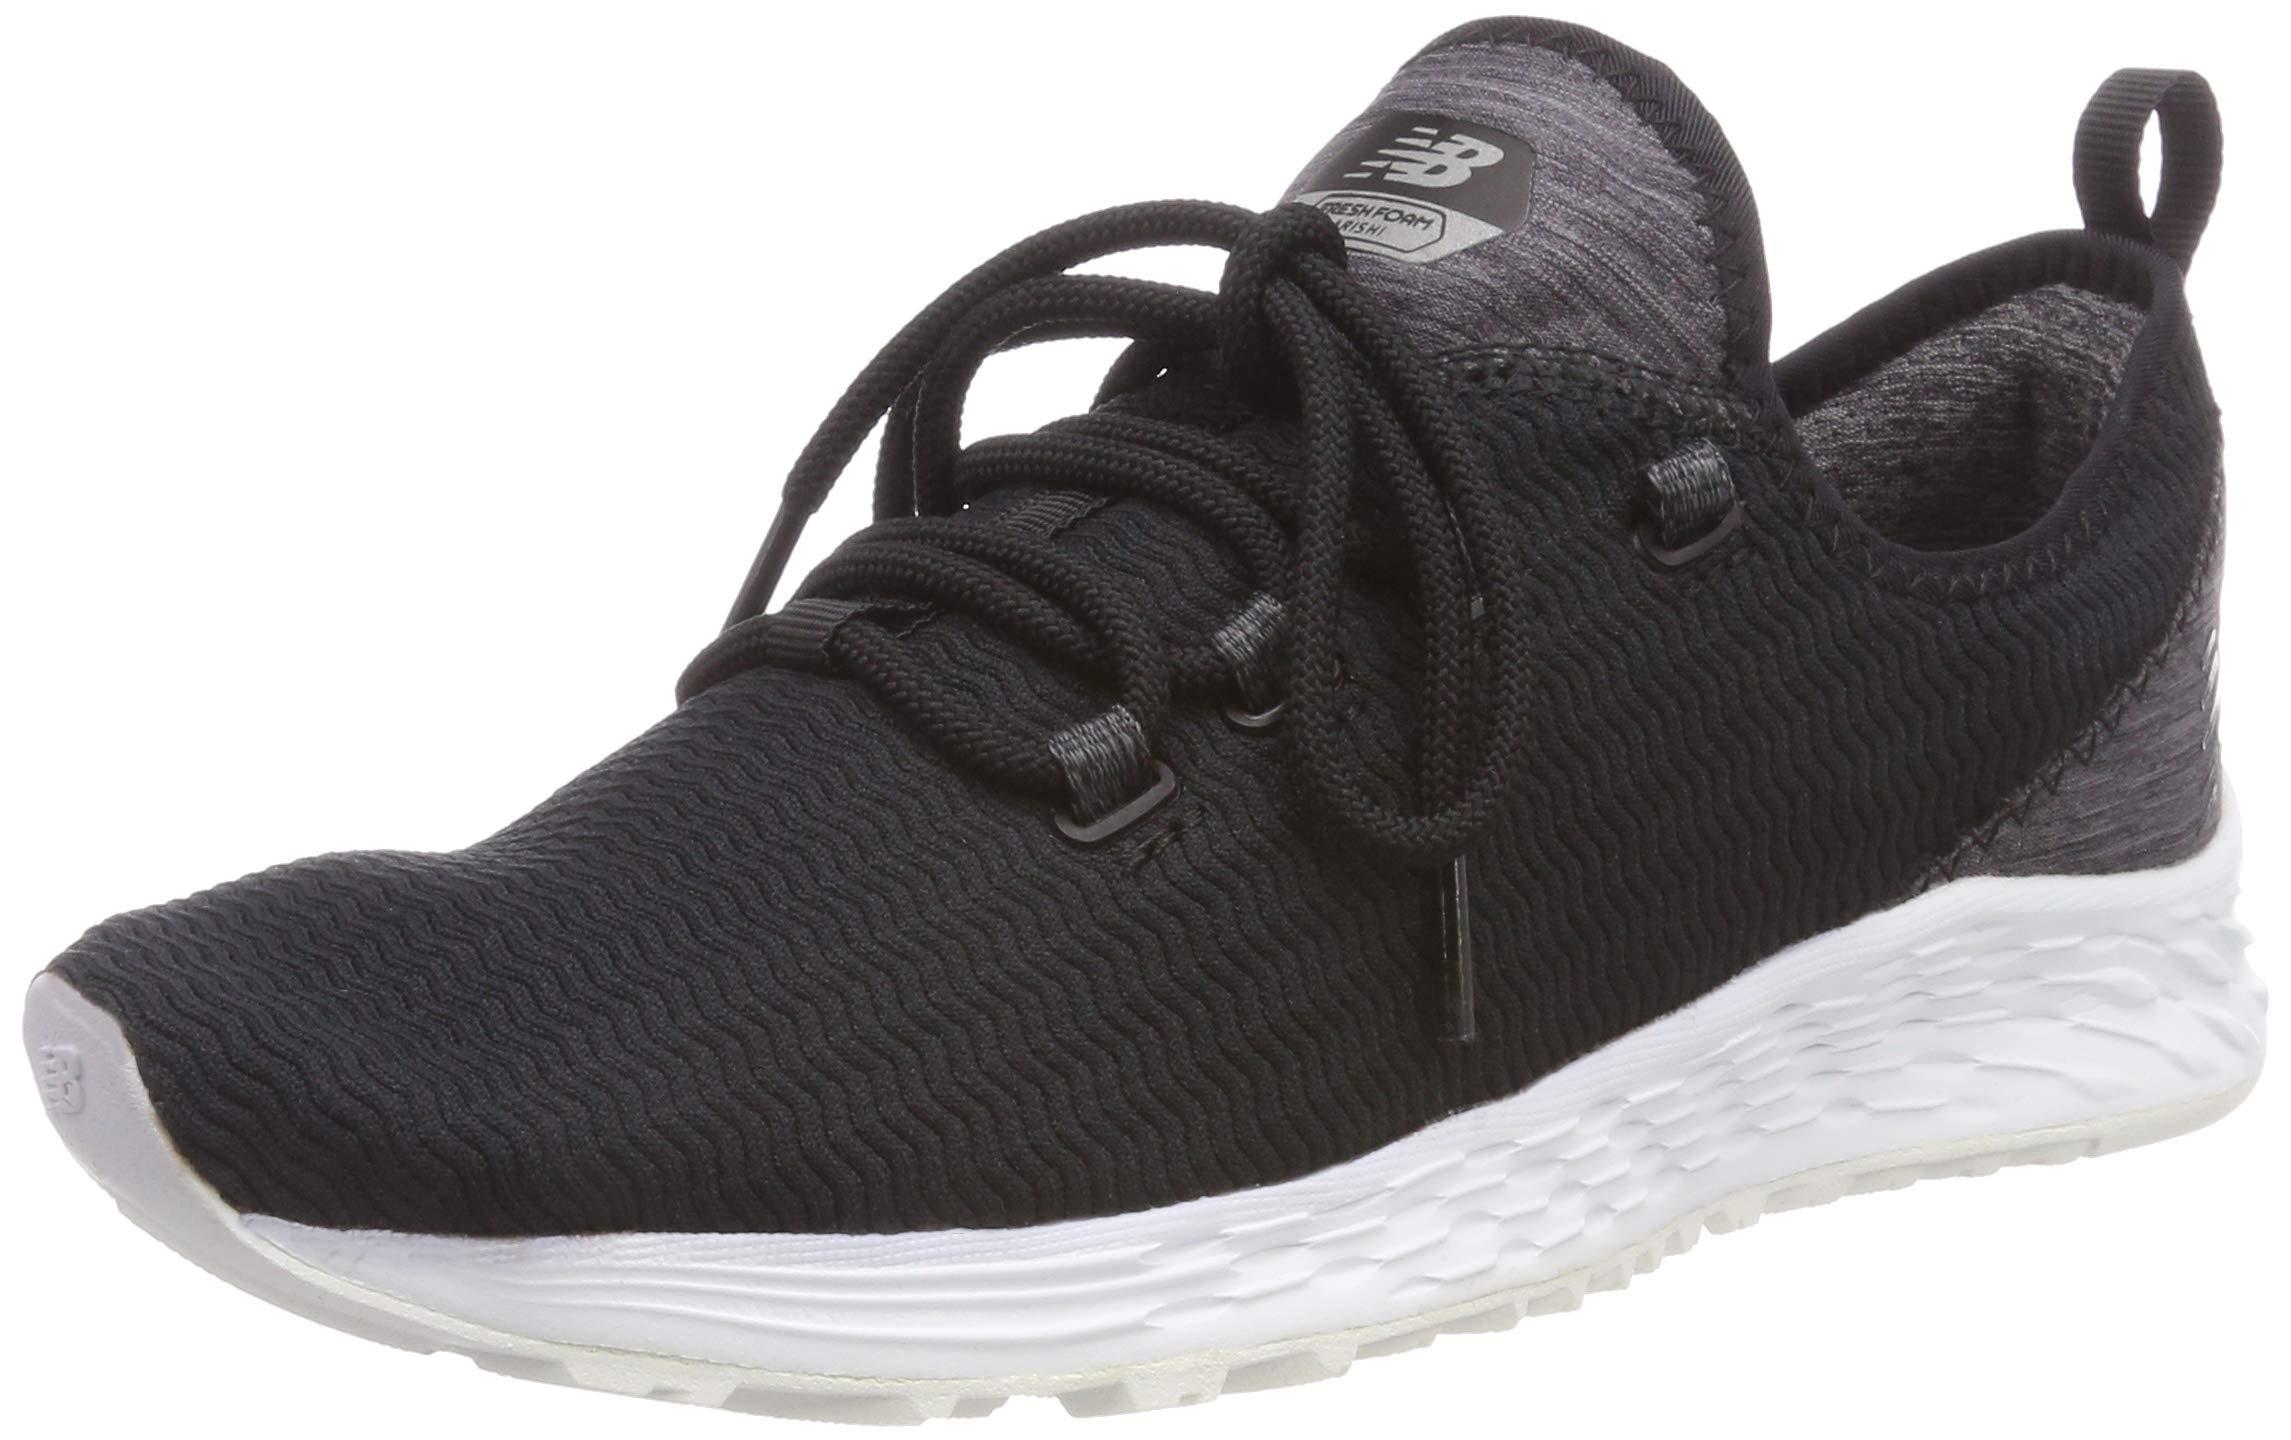 New Balance Women's Arishi v1 Fresh Foam Running Shoe, Black/Grey, 5 B US